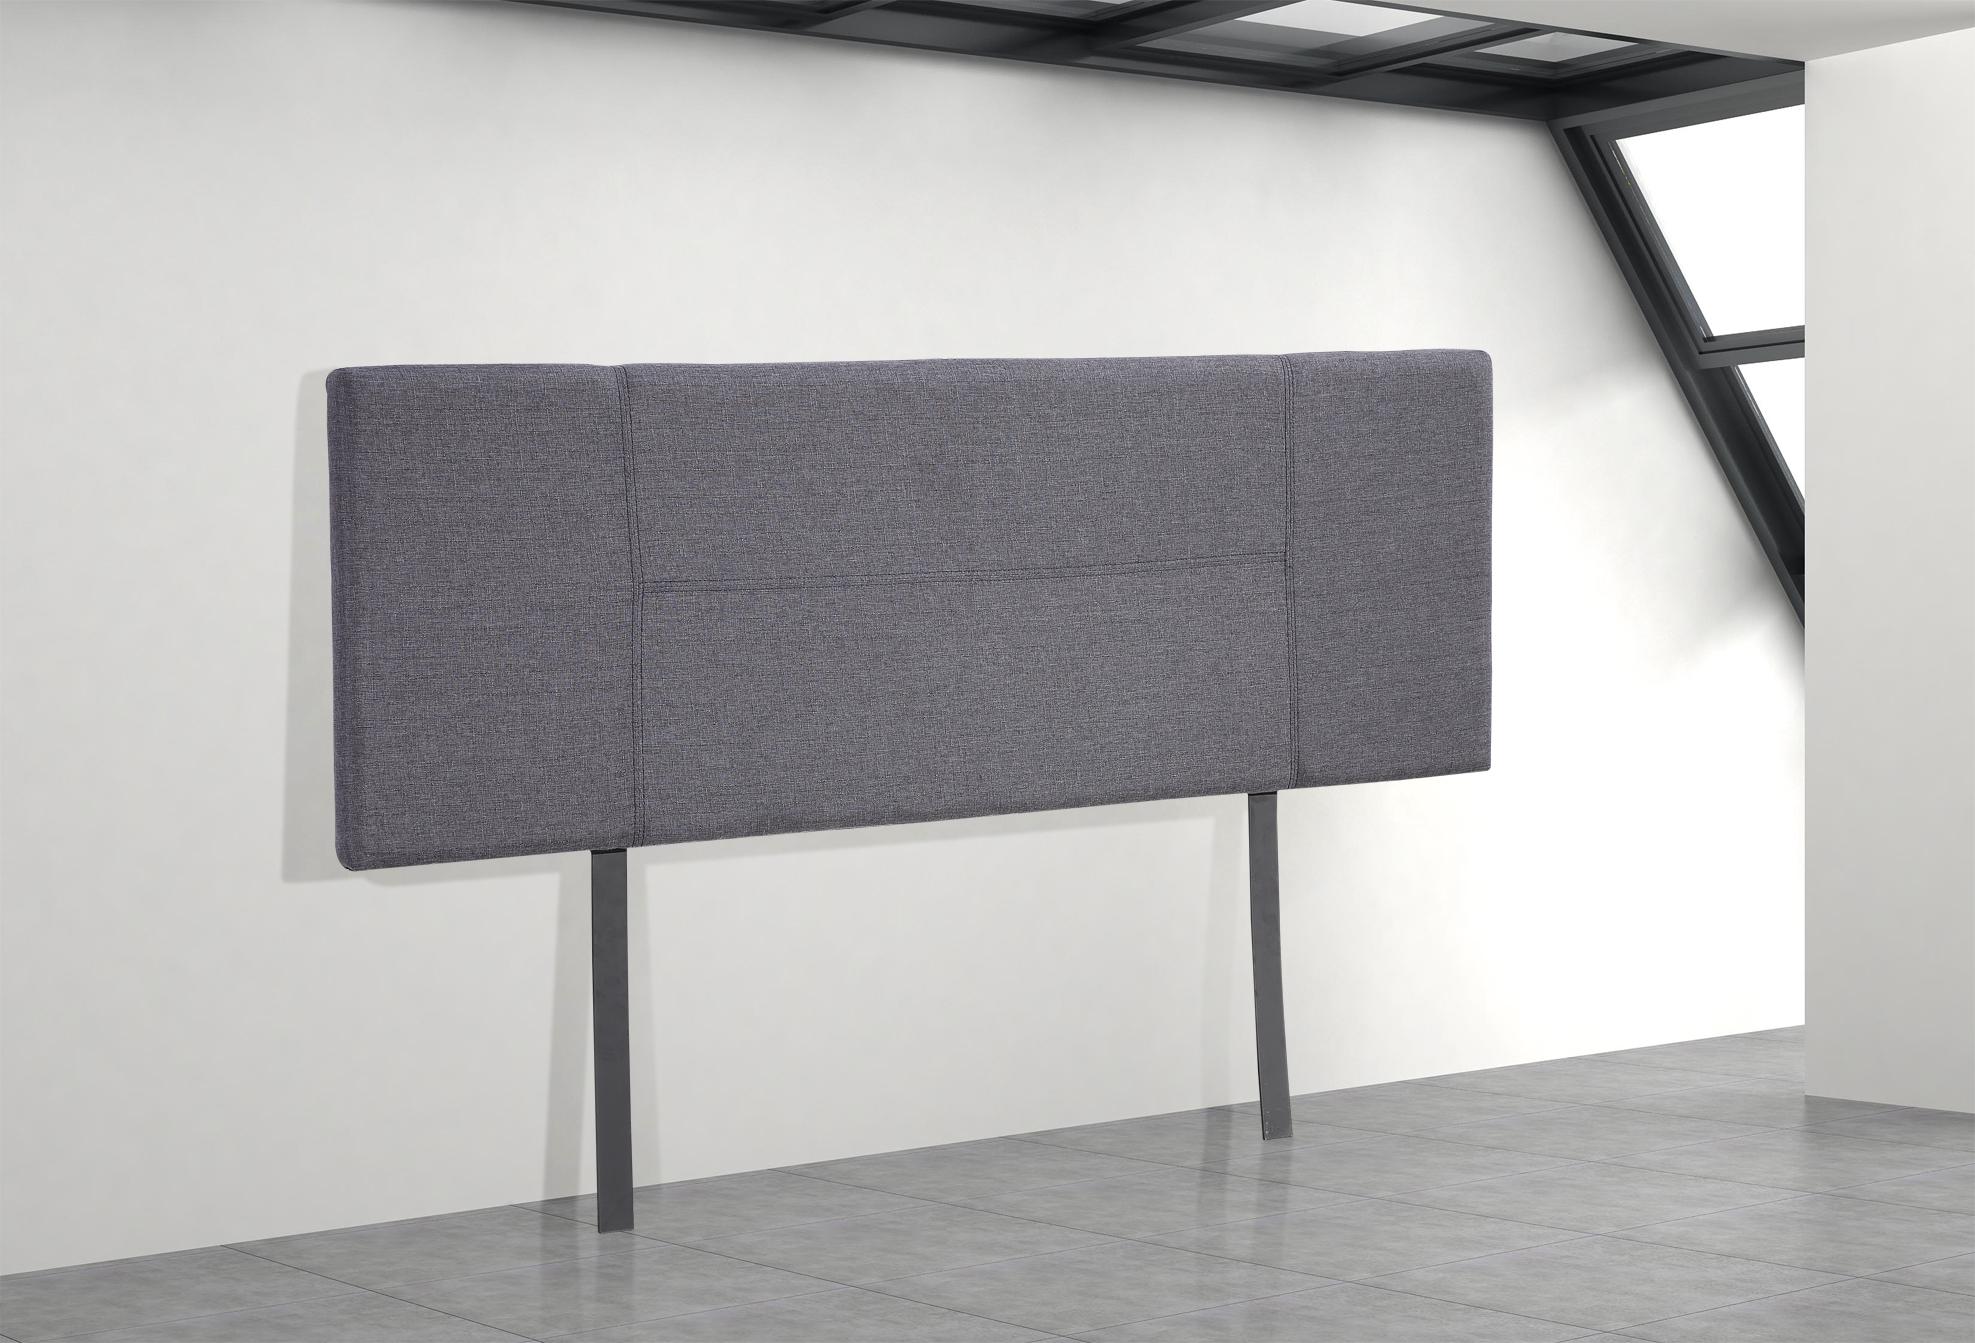 Linen Fabric Double Bed Headboard Bedhead - Grey  Z2631